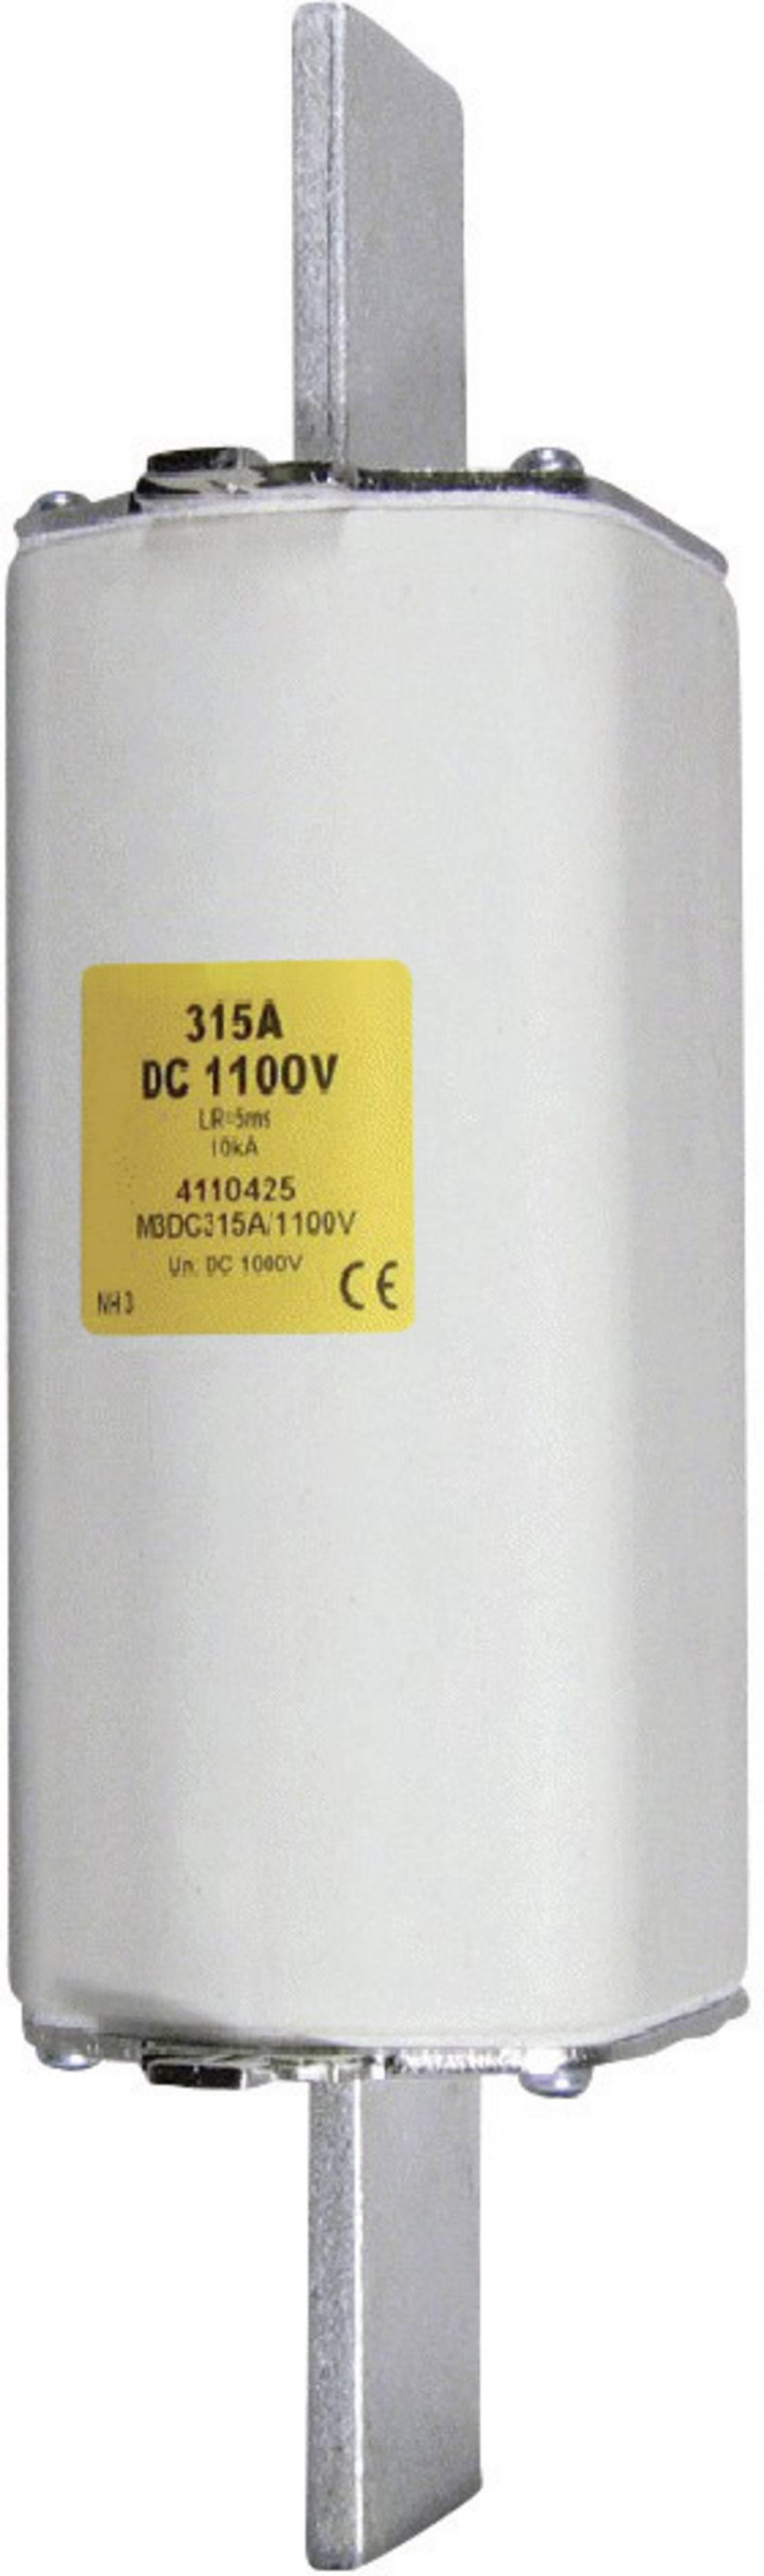 NH-sikring Sikringsstørrelse = 1 63 A 1100 V/DC ESKA NH 1 DC 1100V 63A Schraubkontakt